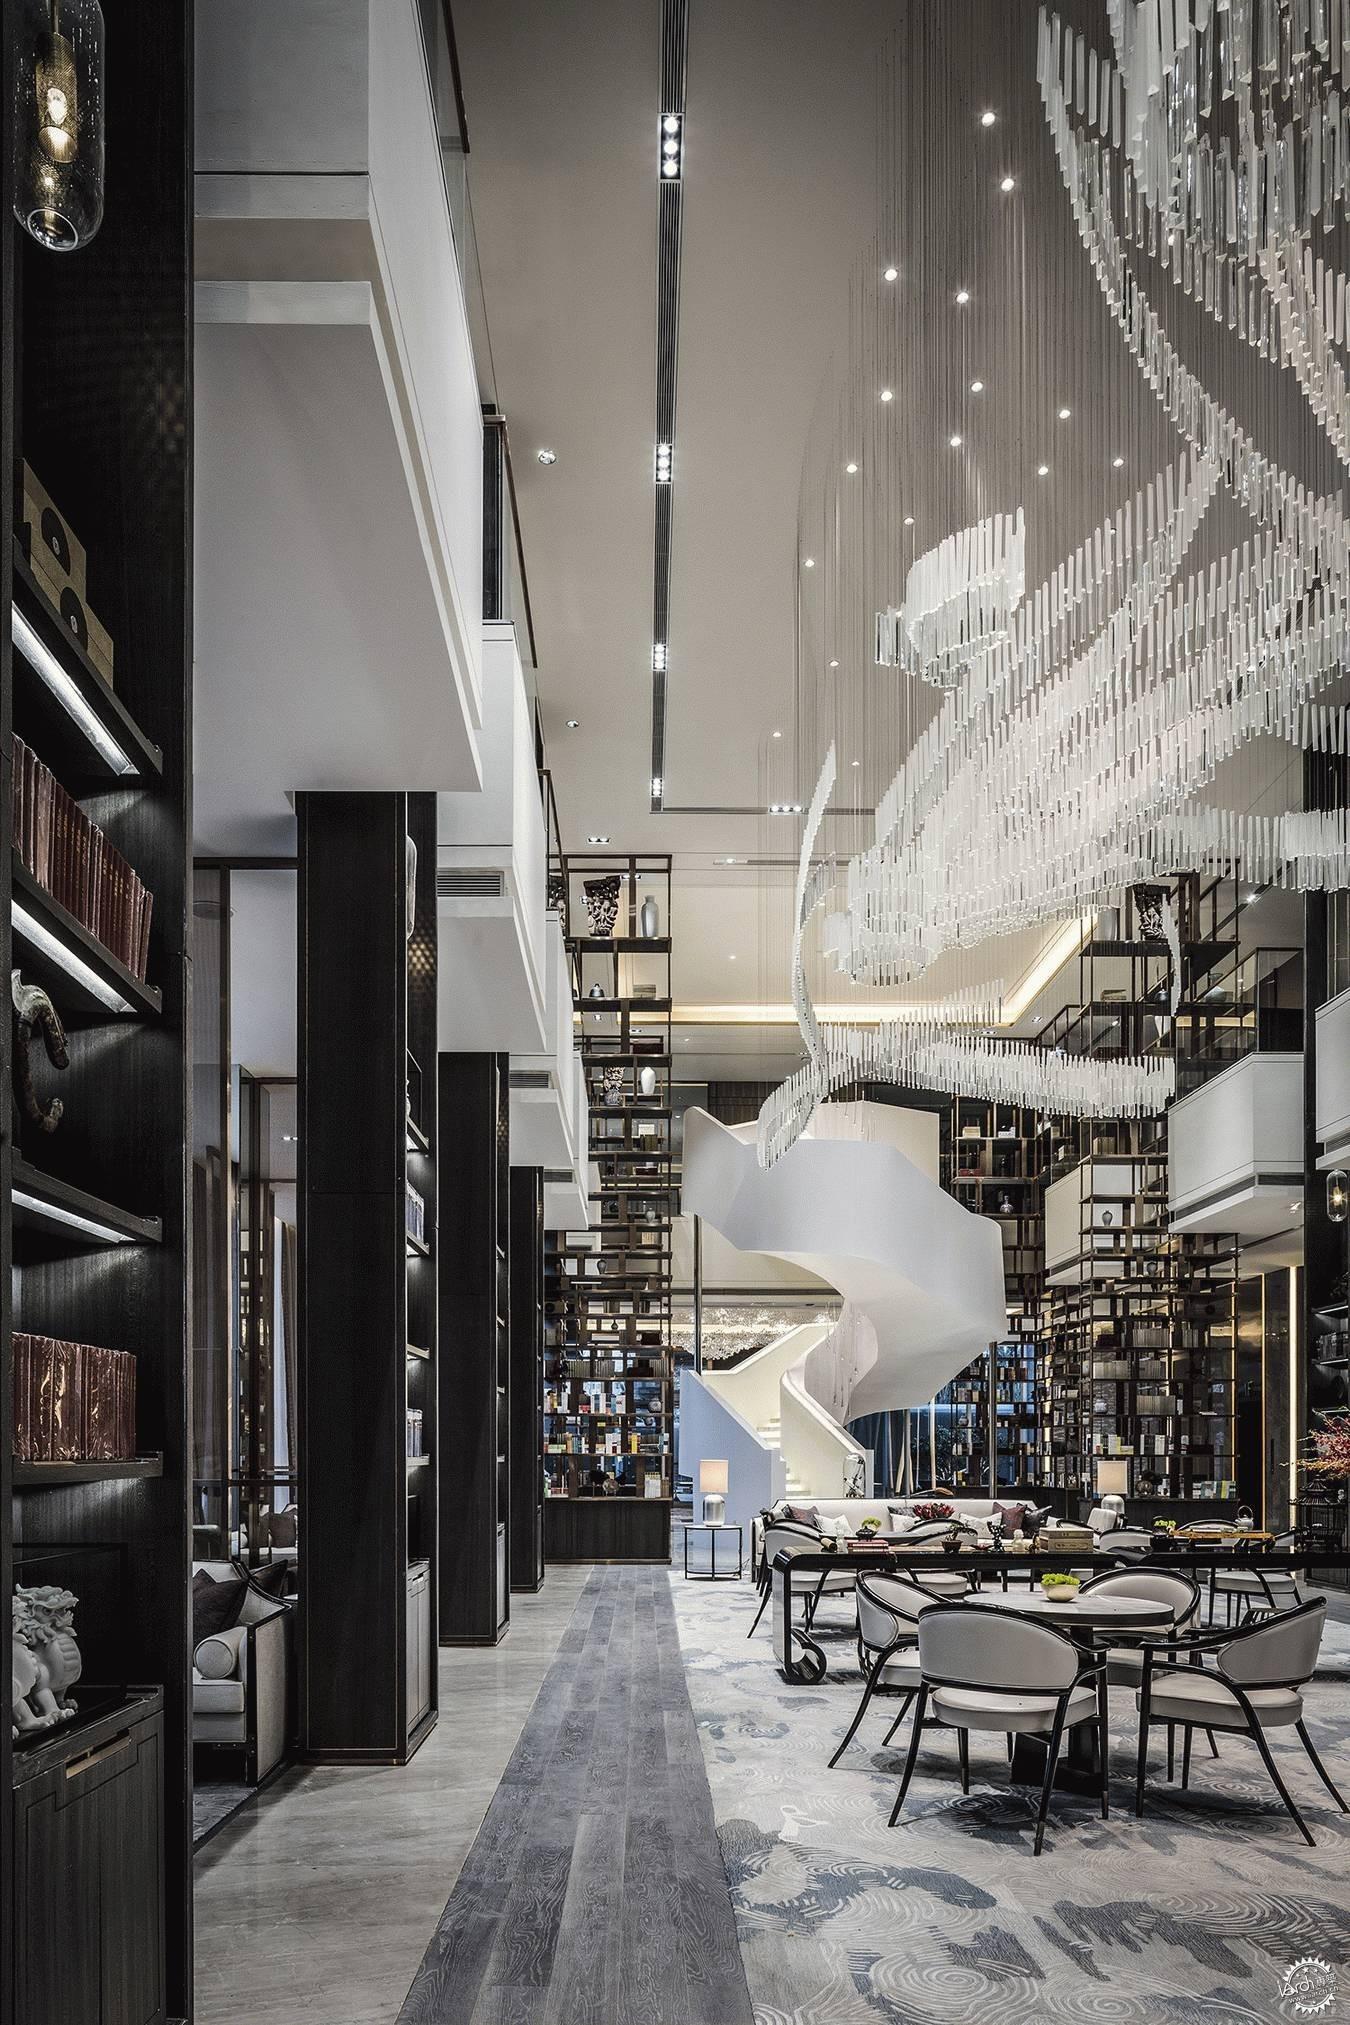 写意书香韵 塞北草原情-室内设计联盟|商业空间-专筑网